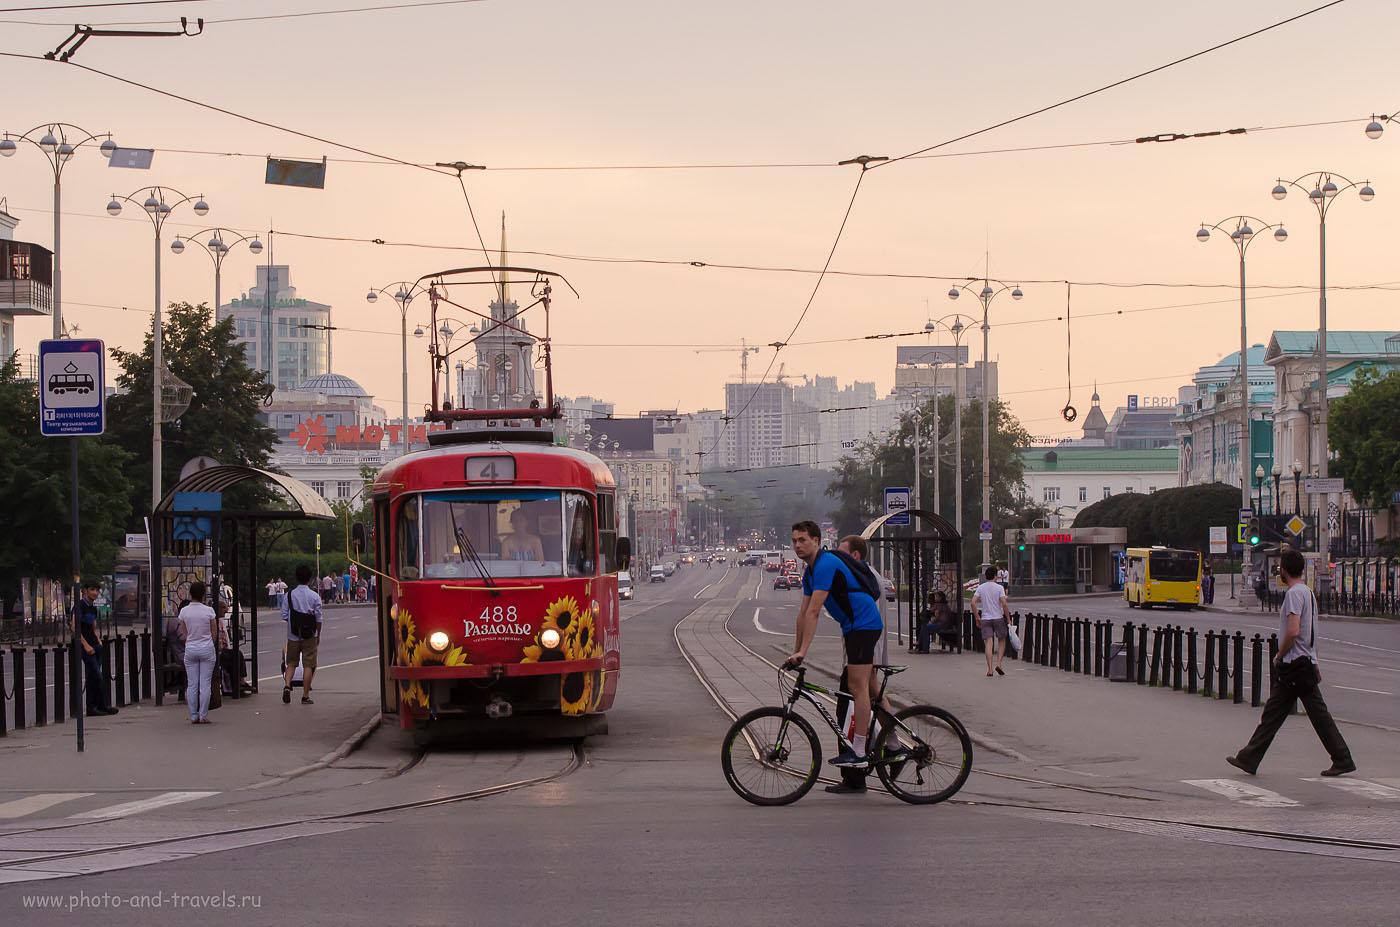 Фотография 22. Вечерний Екатеринбург, снятый на Nikon D5100 + телеобъектив Nikon 70-300mm f/4.5-5.6 (1000, 70, 8.0, 1/320)